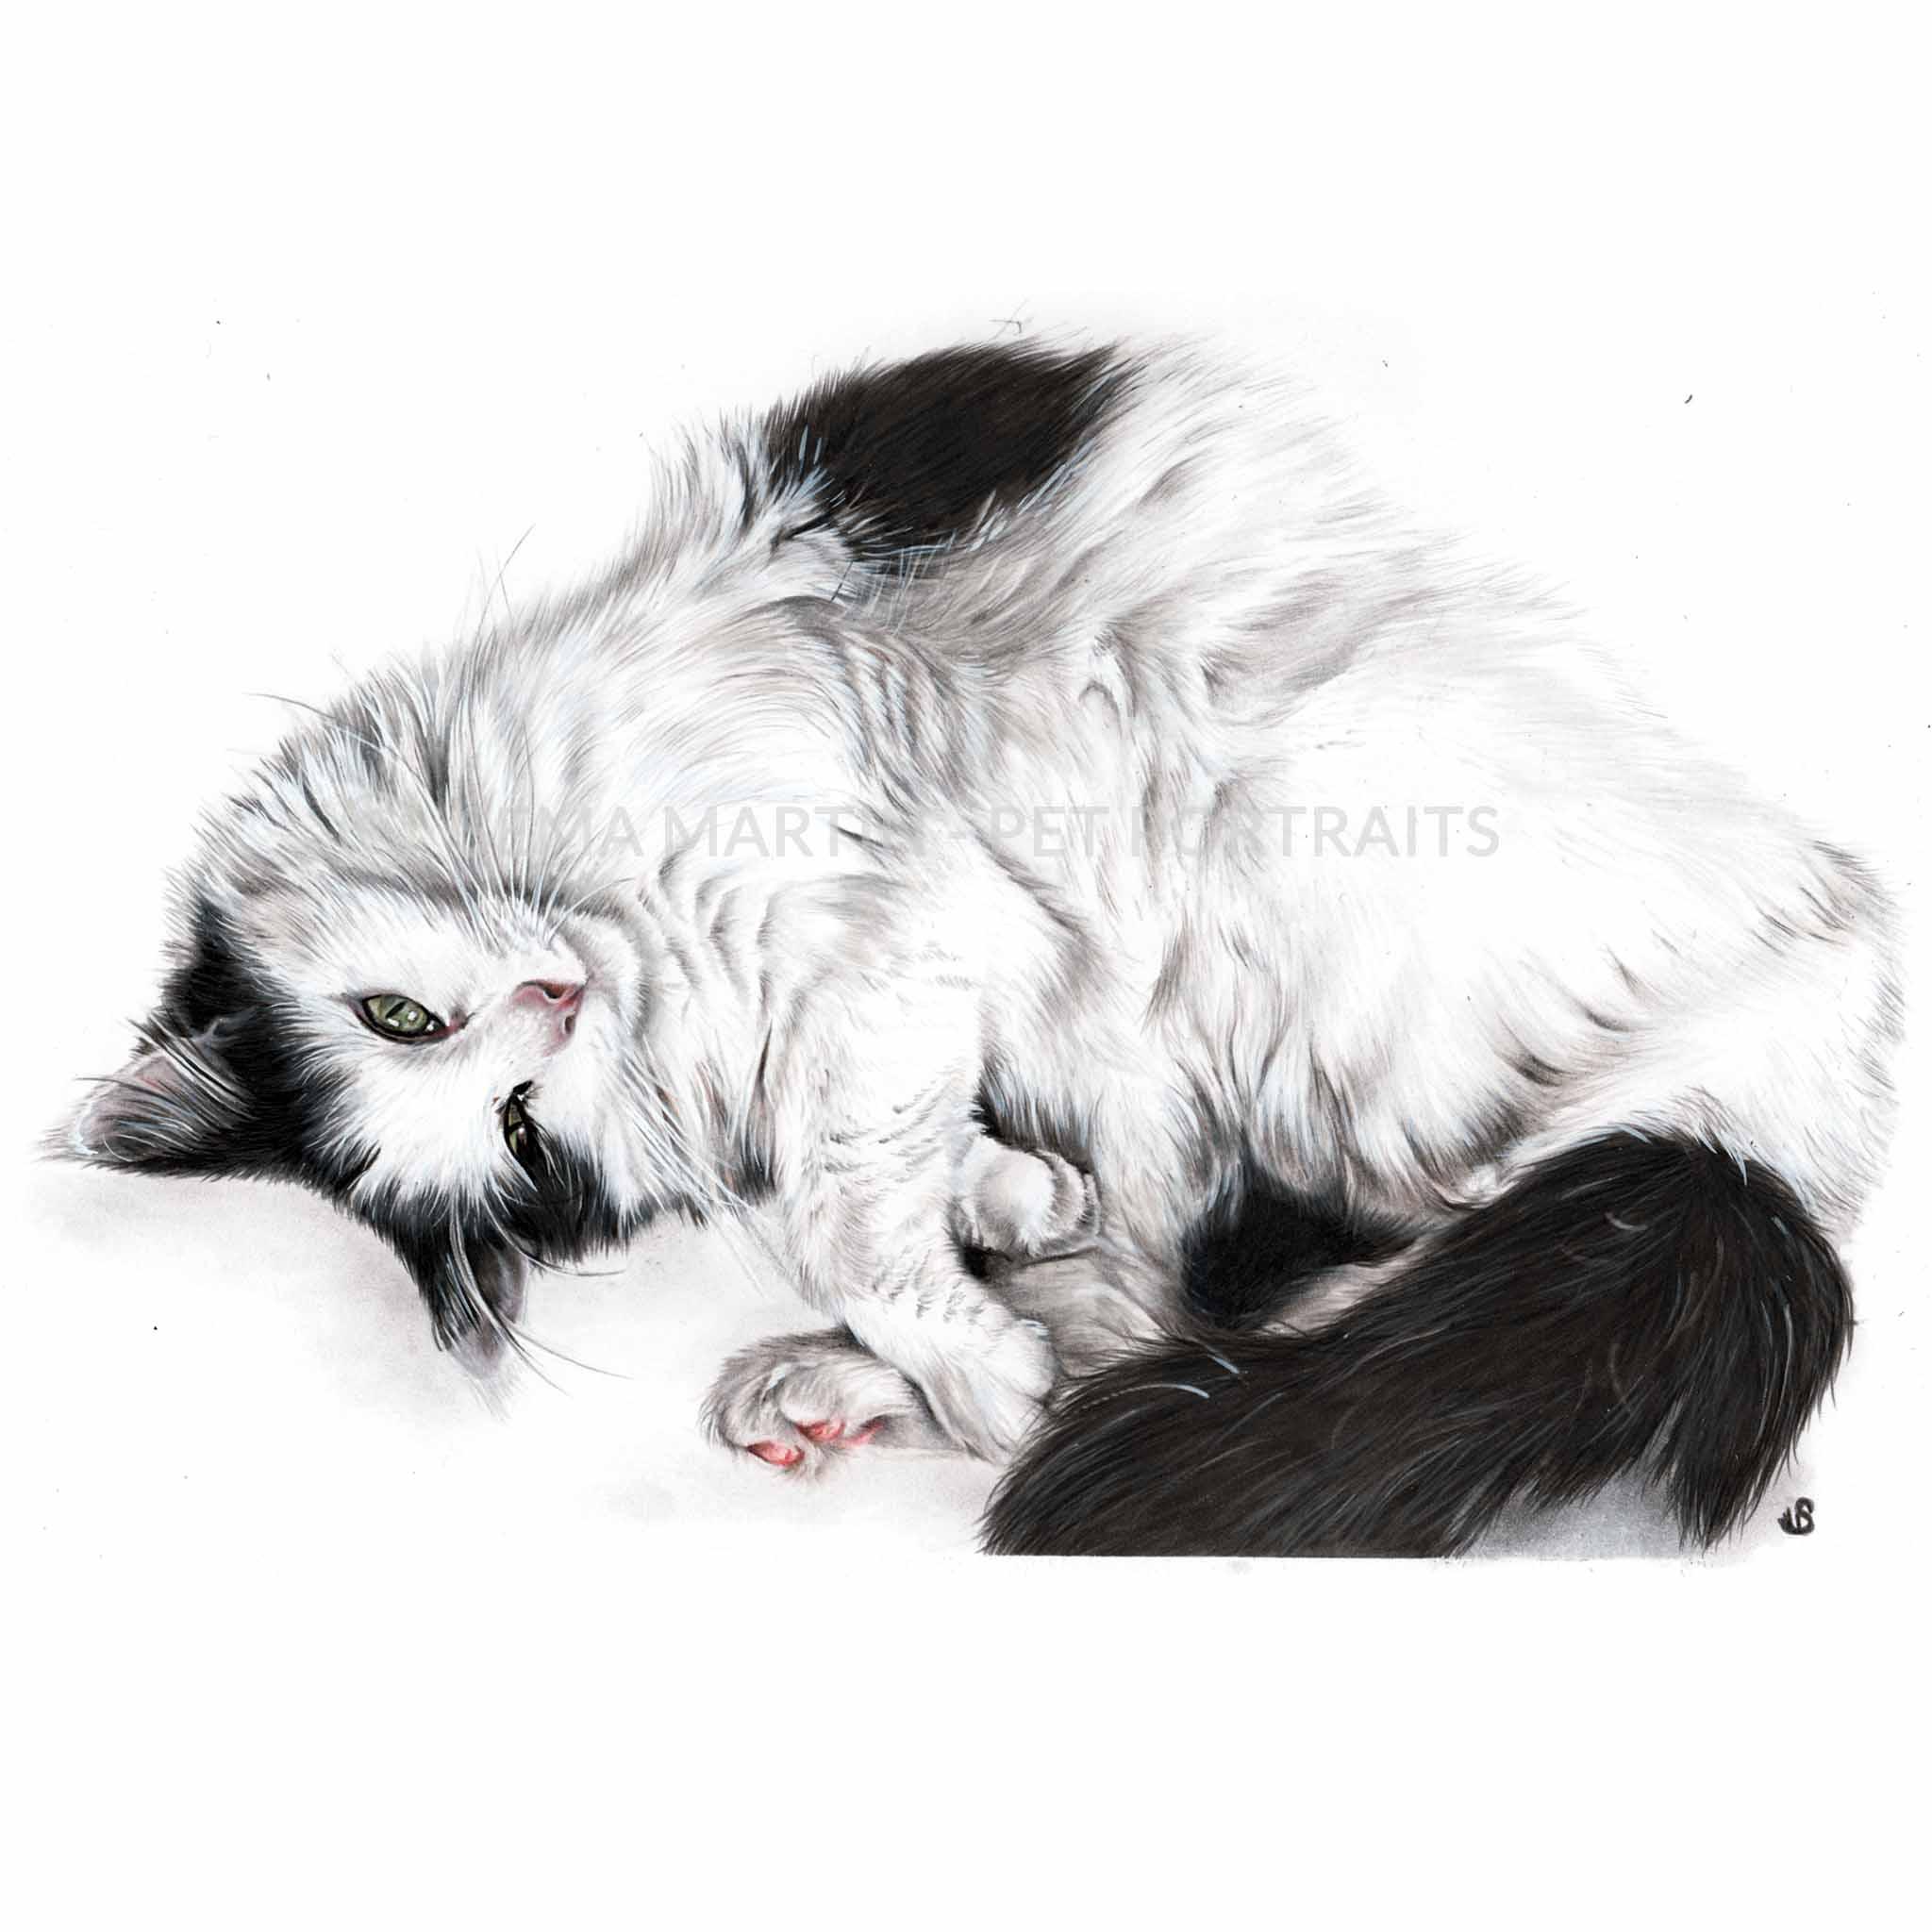 'Mr Wiggles' - NZ, 8.3 x 11.7 inches, 2018, Colour Pencil Cat Portrait by Sema Martin